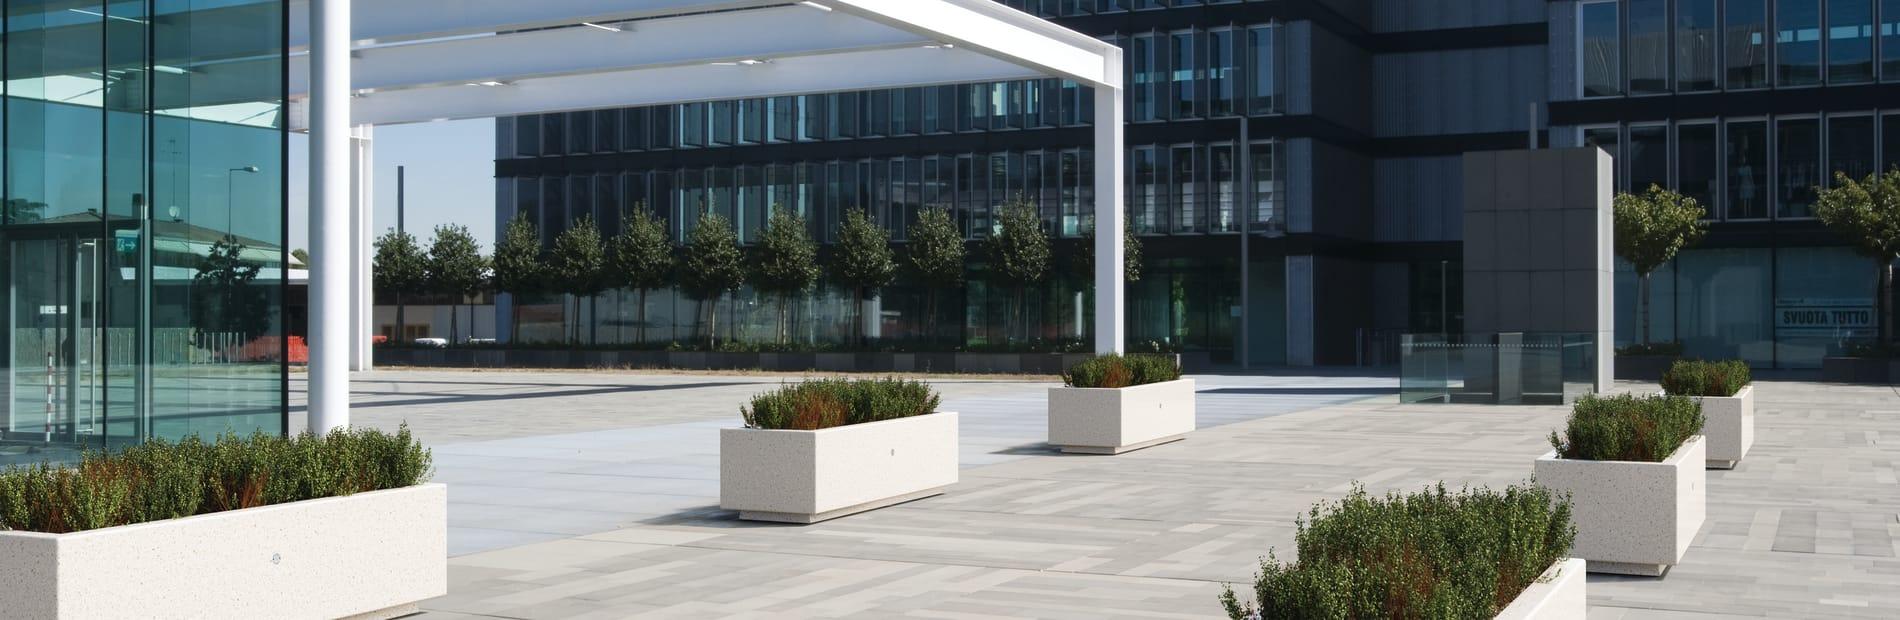 demetra planters commercial area